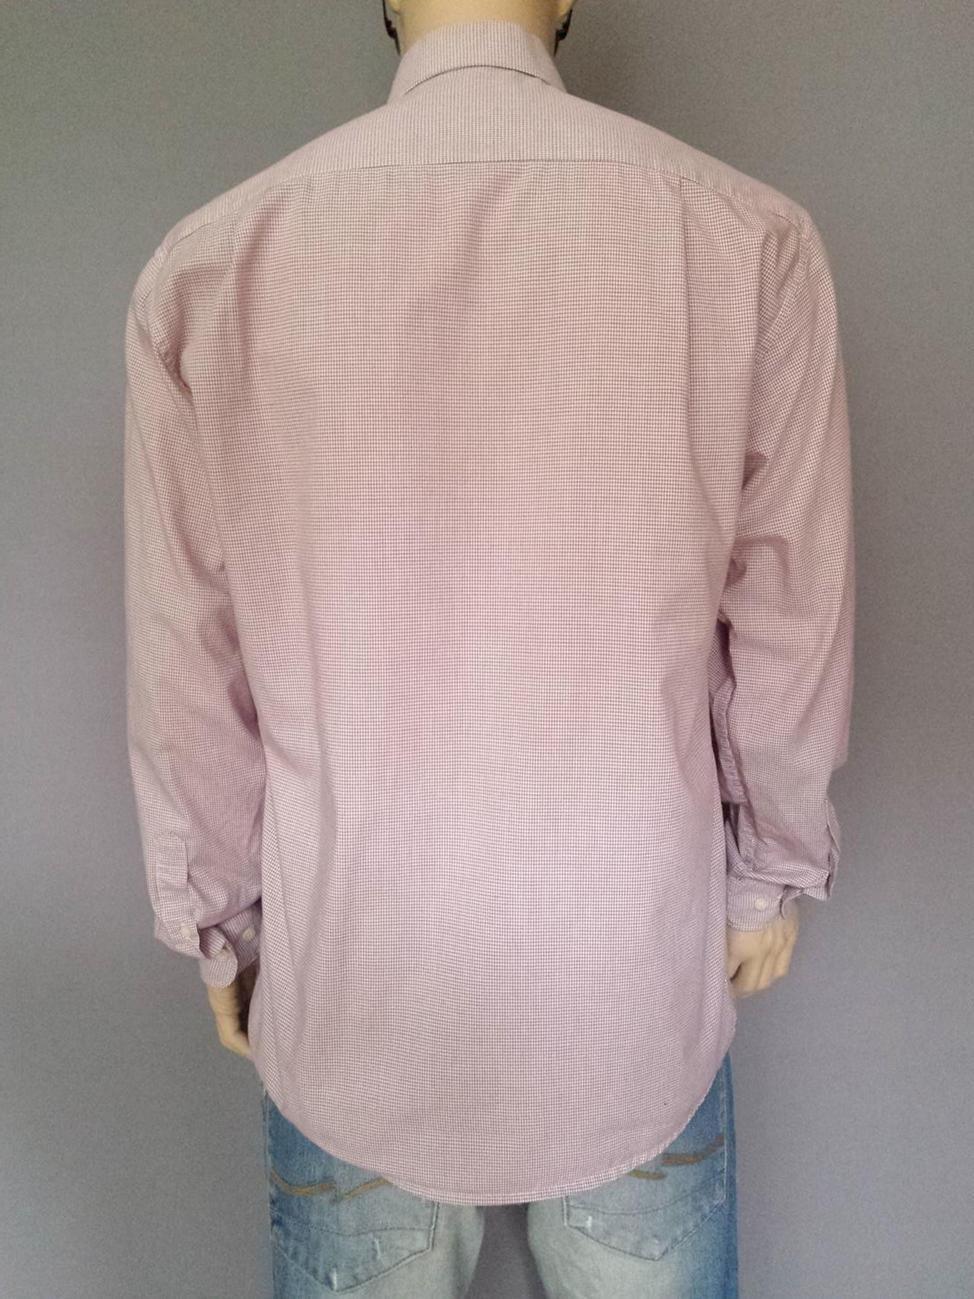 Melka skjorta storlek 38  Melka skjorta storlek 38.    37a7a467af1c2